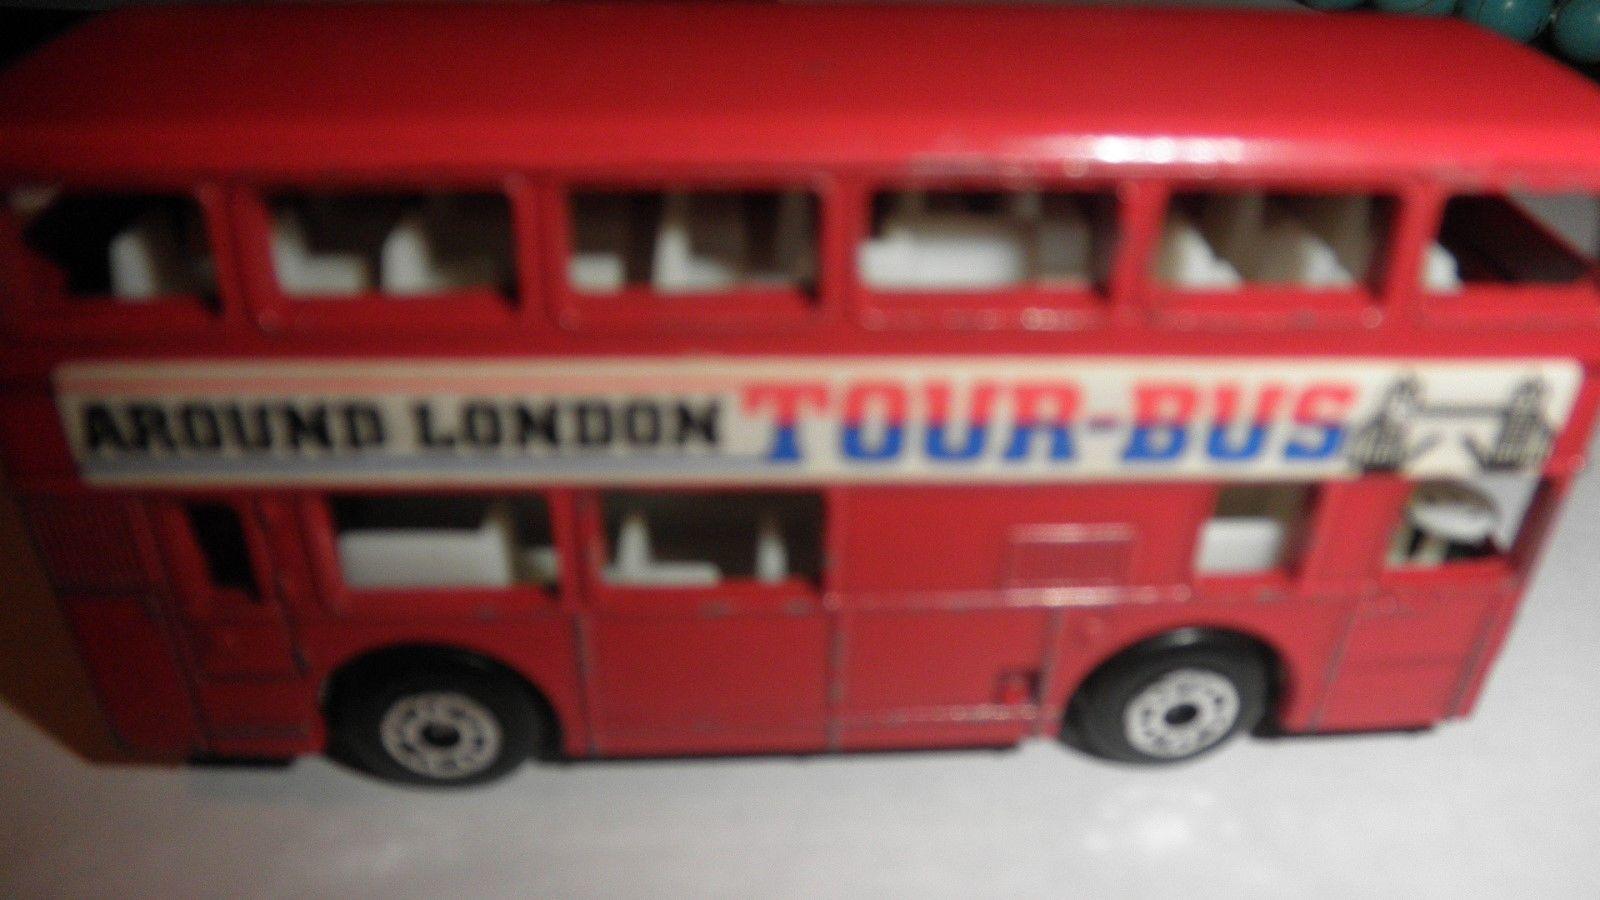 Ebay freebies london